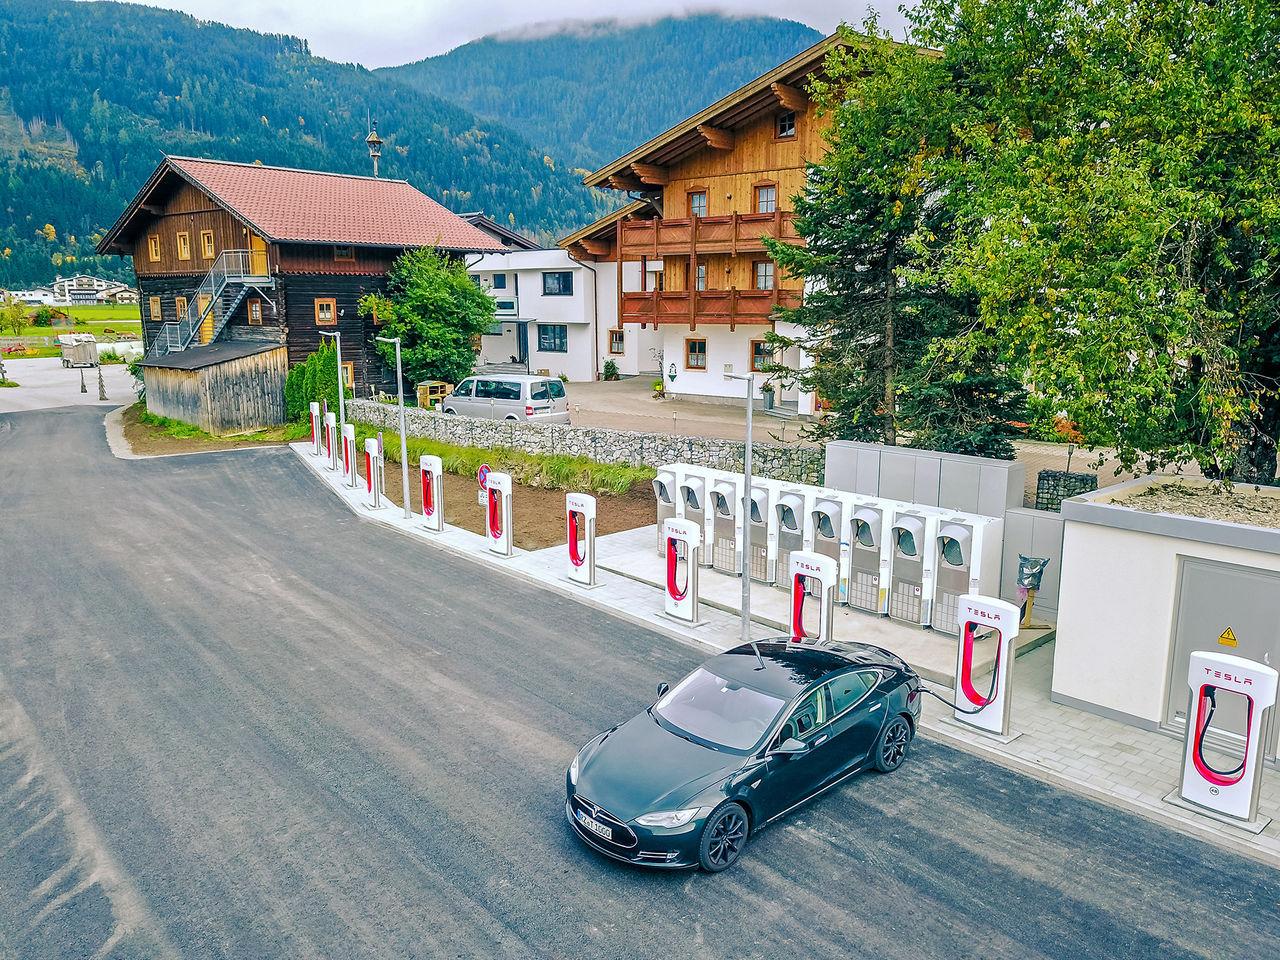 Tesla ska öppna upp sitt Supercharger-nätverk